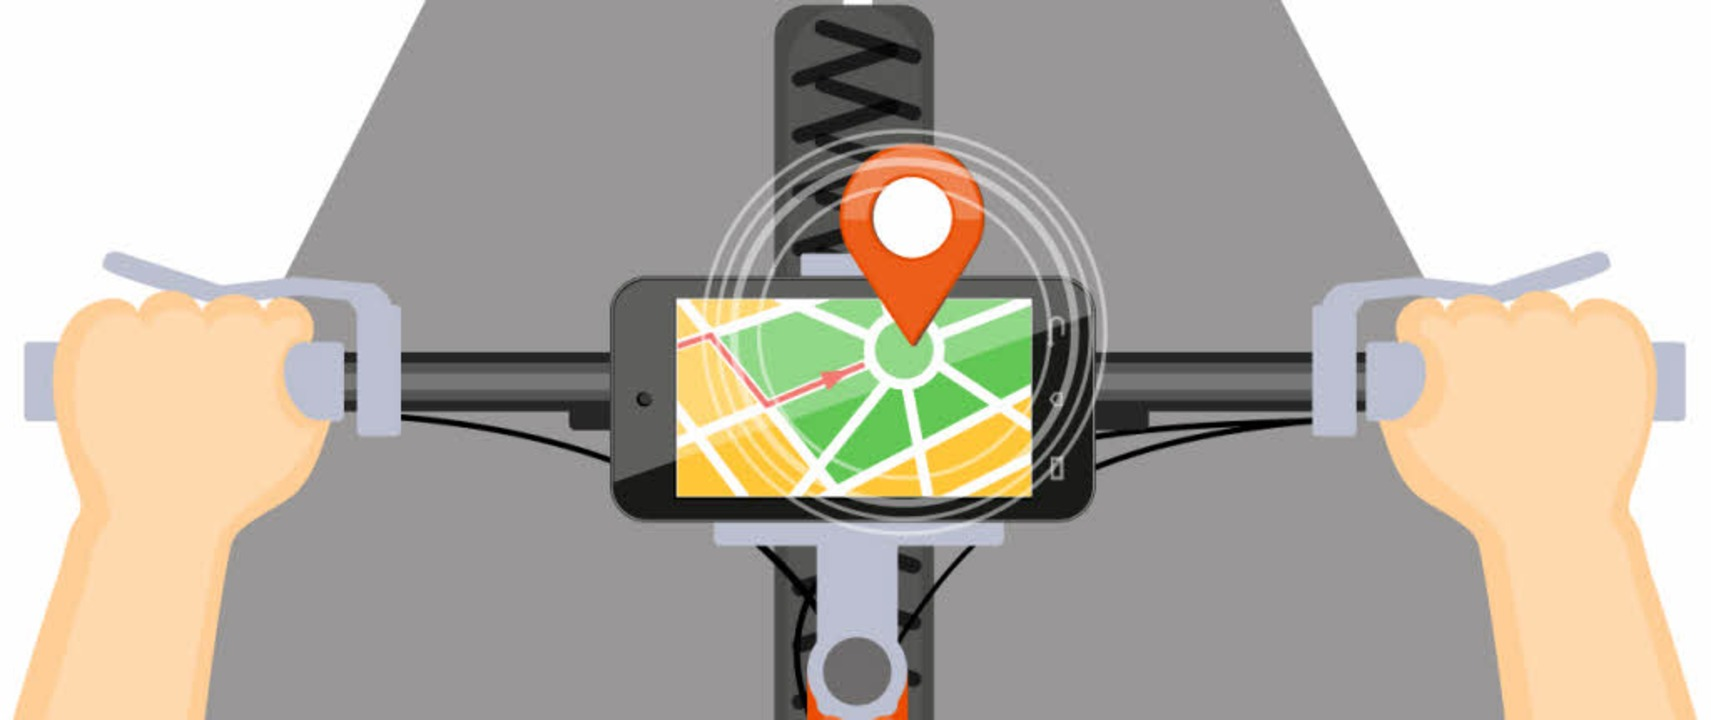 Fahrradnavis sind mittlerweile weit verbreitet.   | Foto: stock.adobe.com